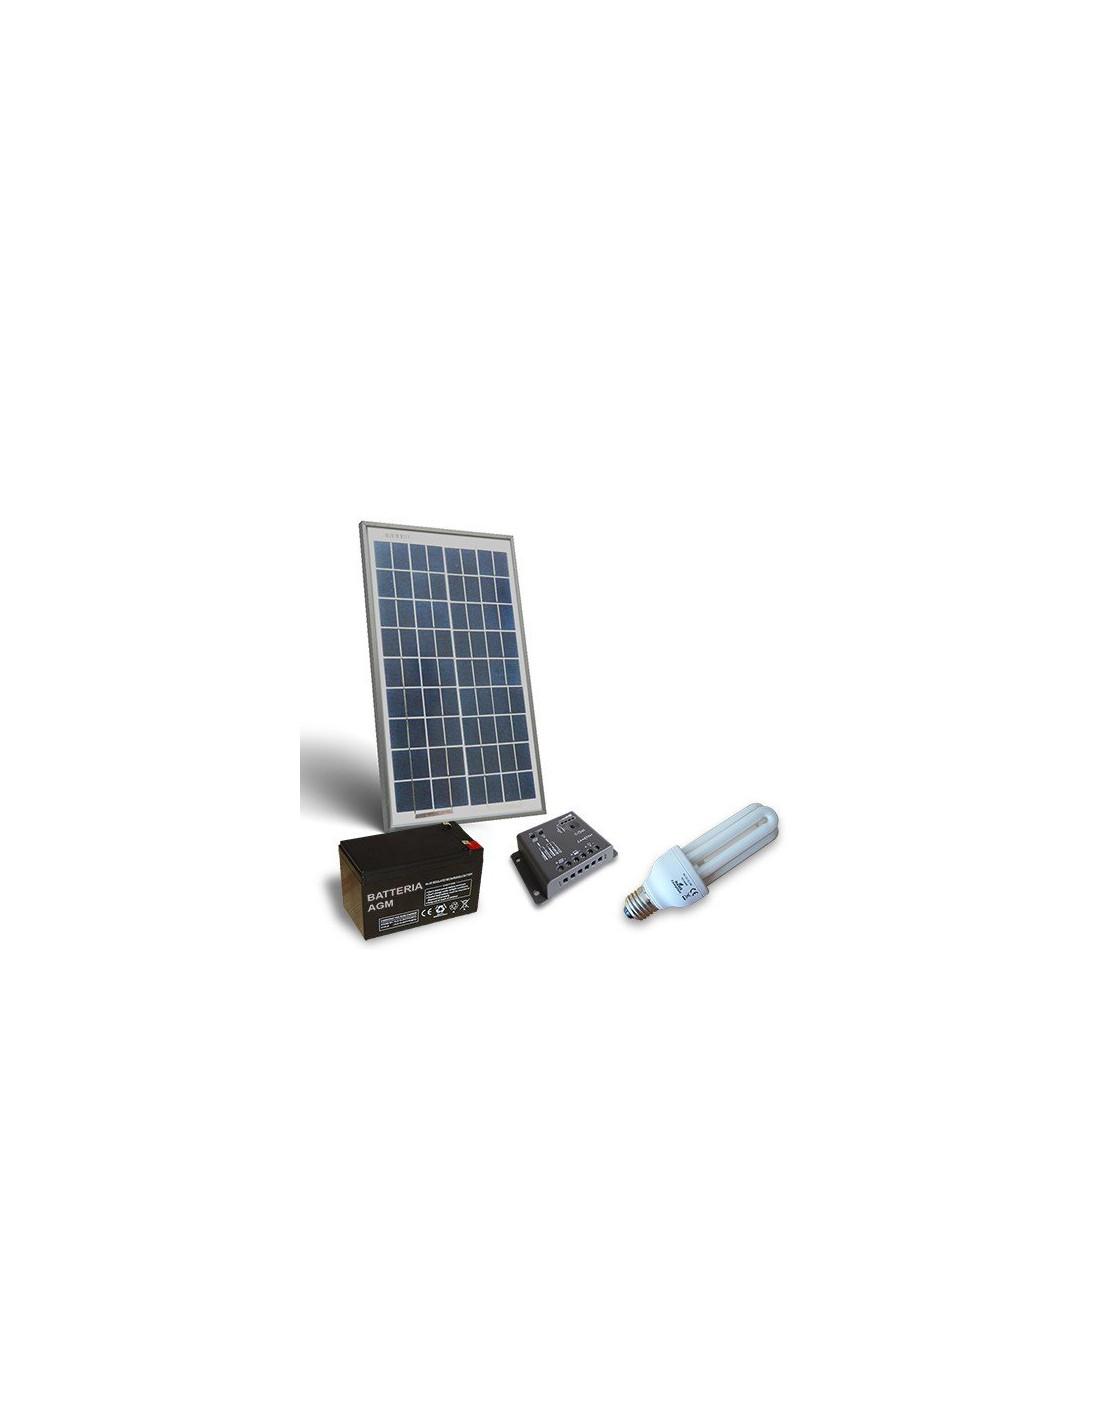 Kit Pannello Solare 10w : Kit solare illuminazione fluo w v per interni